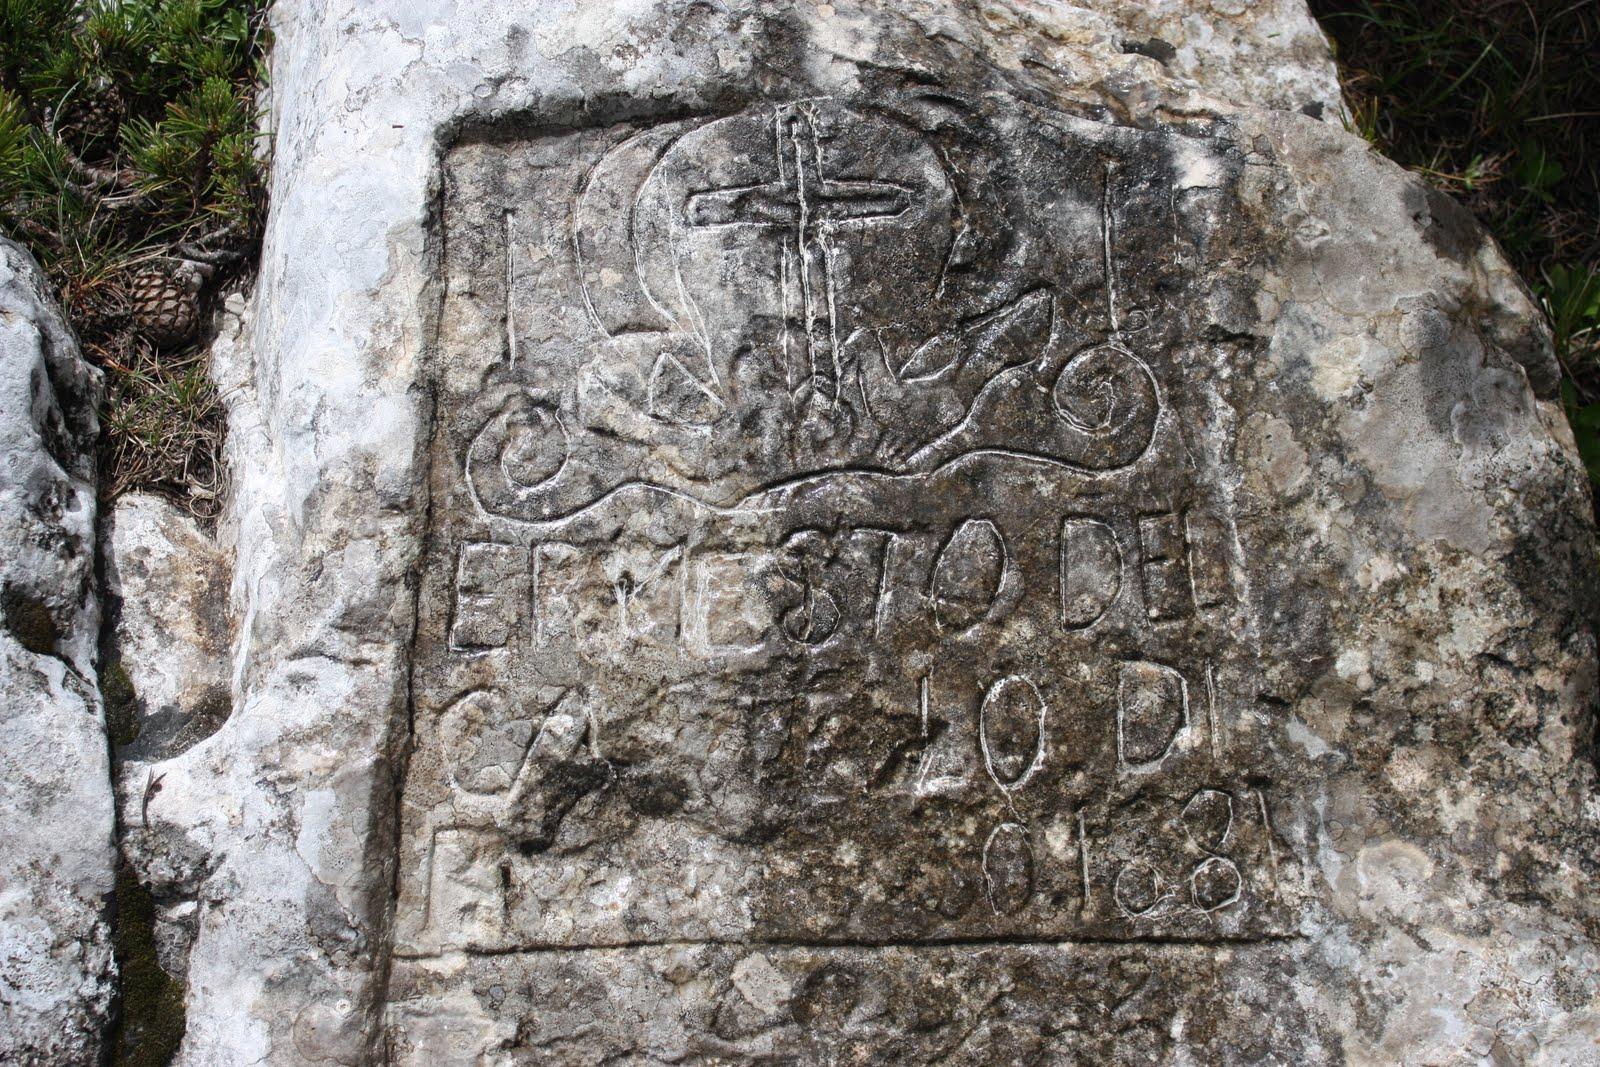 """Tavola dei Briganti (Majella) Roccia calcarea dove i briganti hanno inciso la seguente frase: """"Nel 1820 nacque Vittorio Emanuele Re d'Italia. Prima era il regno dei fiori, ora è il regno della miseria."""" Nel 1861 furono oltre 1100 i briganti uccisi in Abruzzo."""